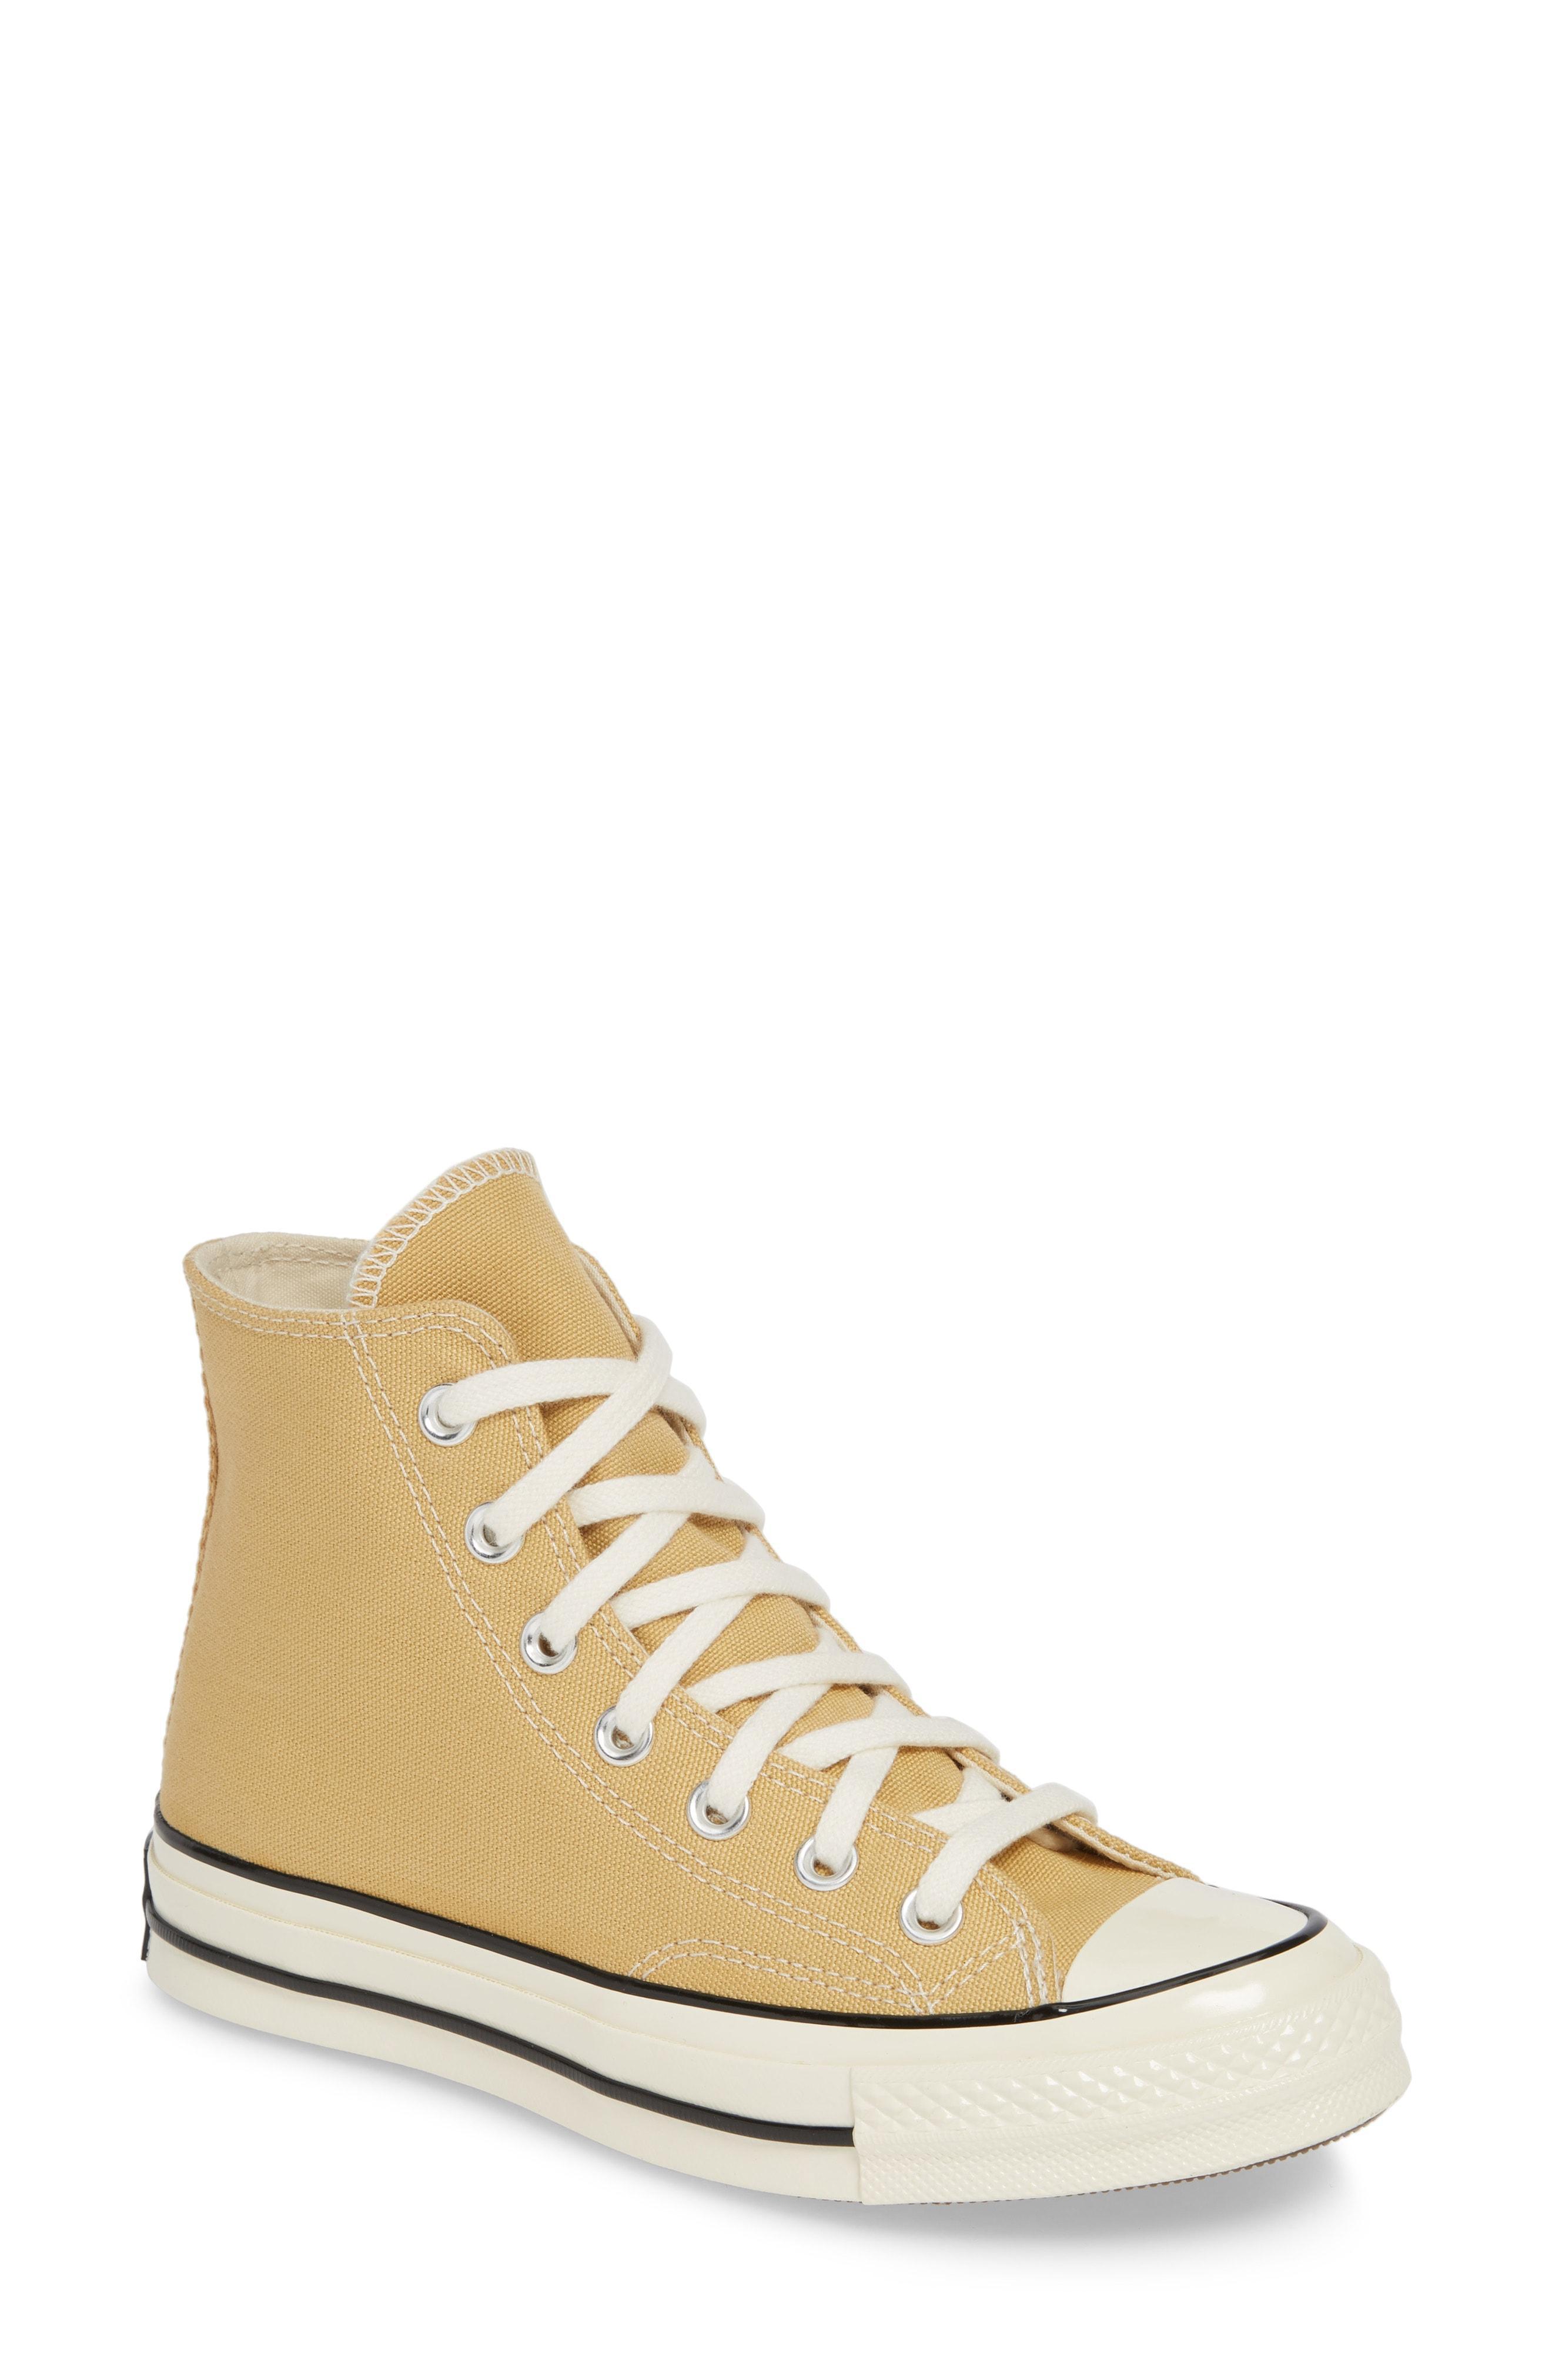 5c48d47e29f16b Converse. Women s Chuck Taylor All Star 70 High Top Sneaker